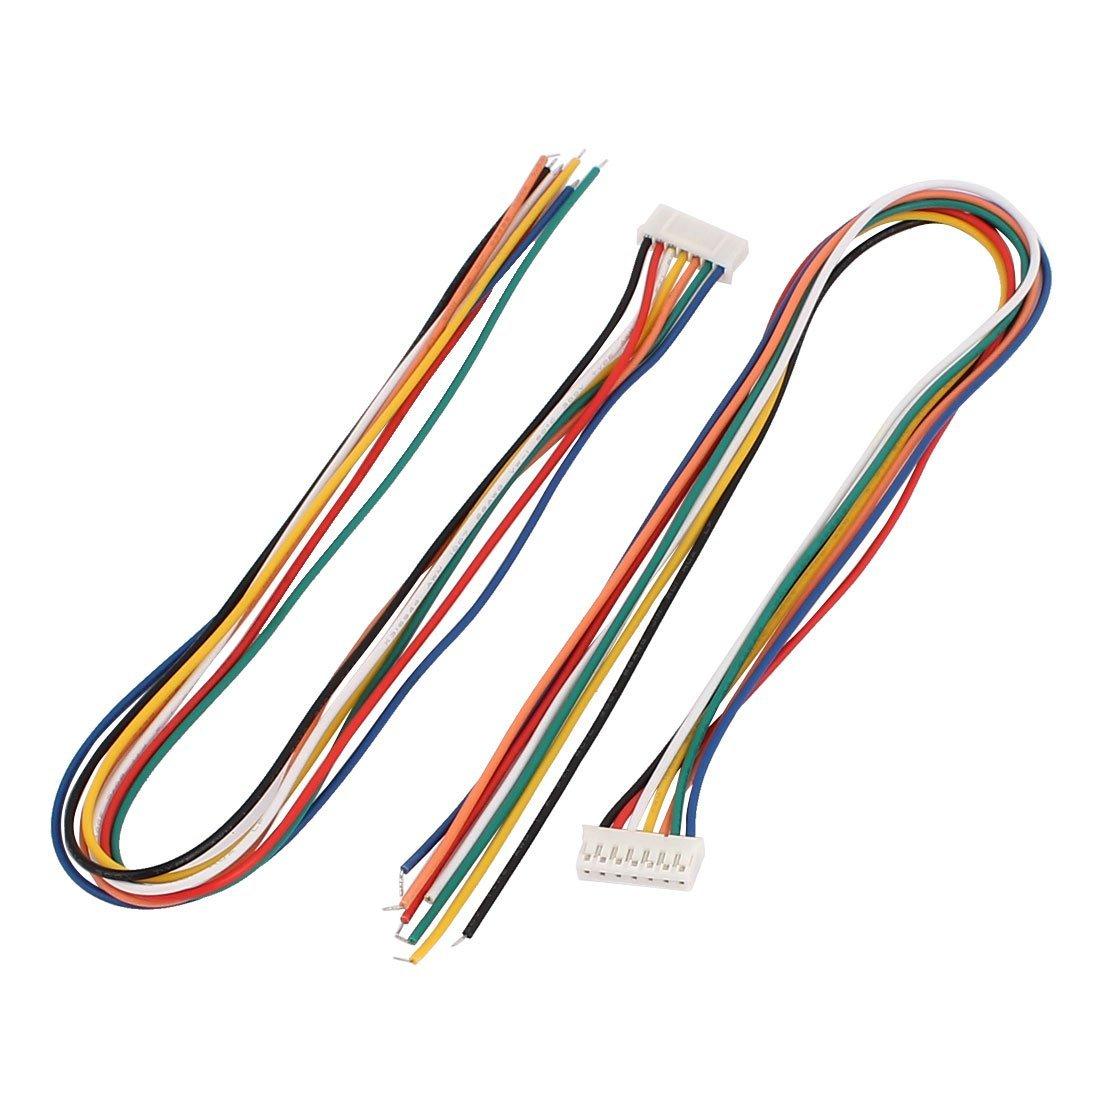 Amazon.com: eDealMax 5 piezas sola extensión Conector extremo 7P pH 2,0 Balance de alambre DE 30 cm Multicolor: Electronics